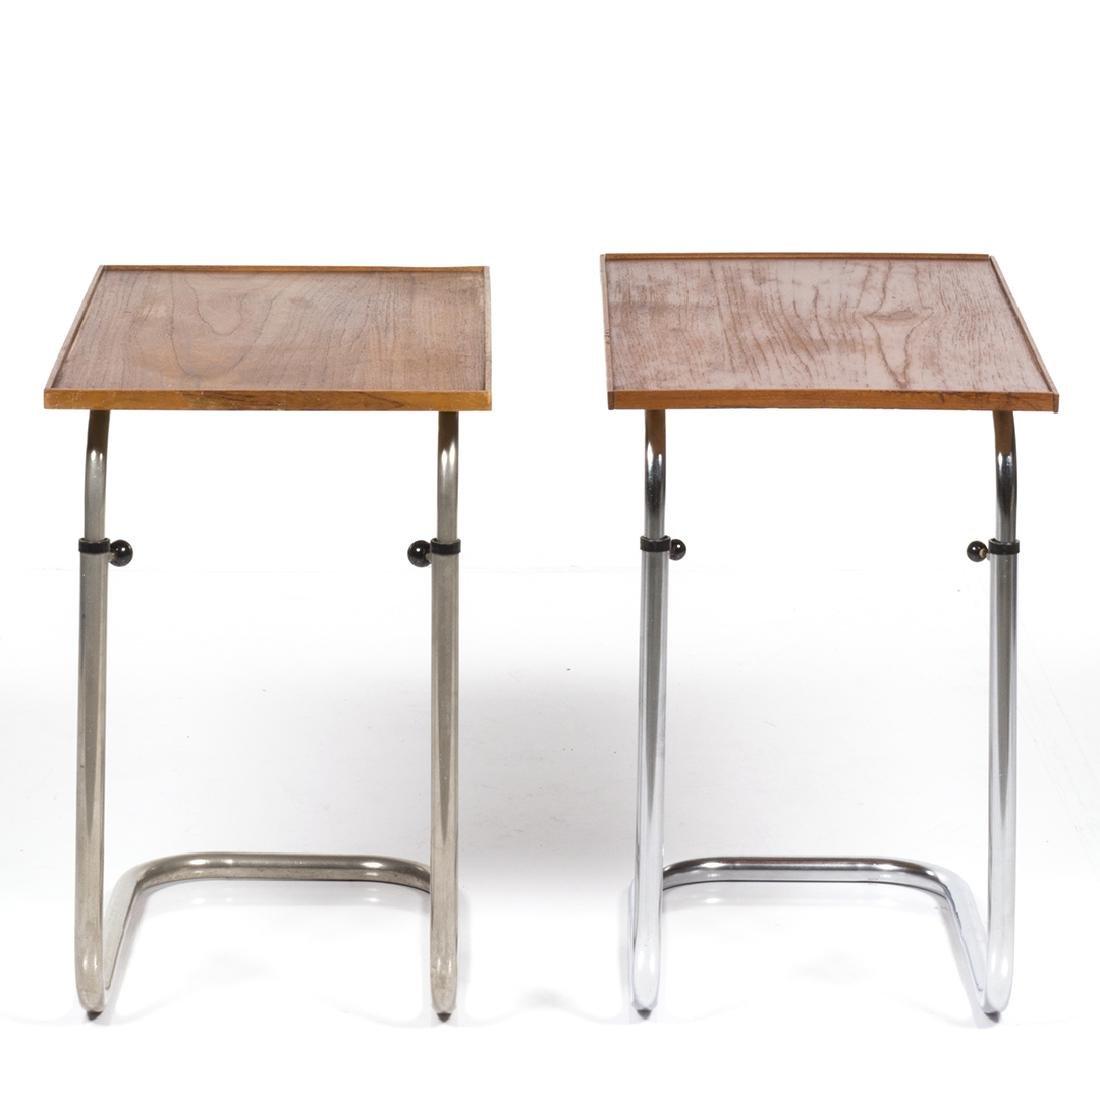 Adjustable Teak Tray Tables (2) - 4